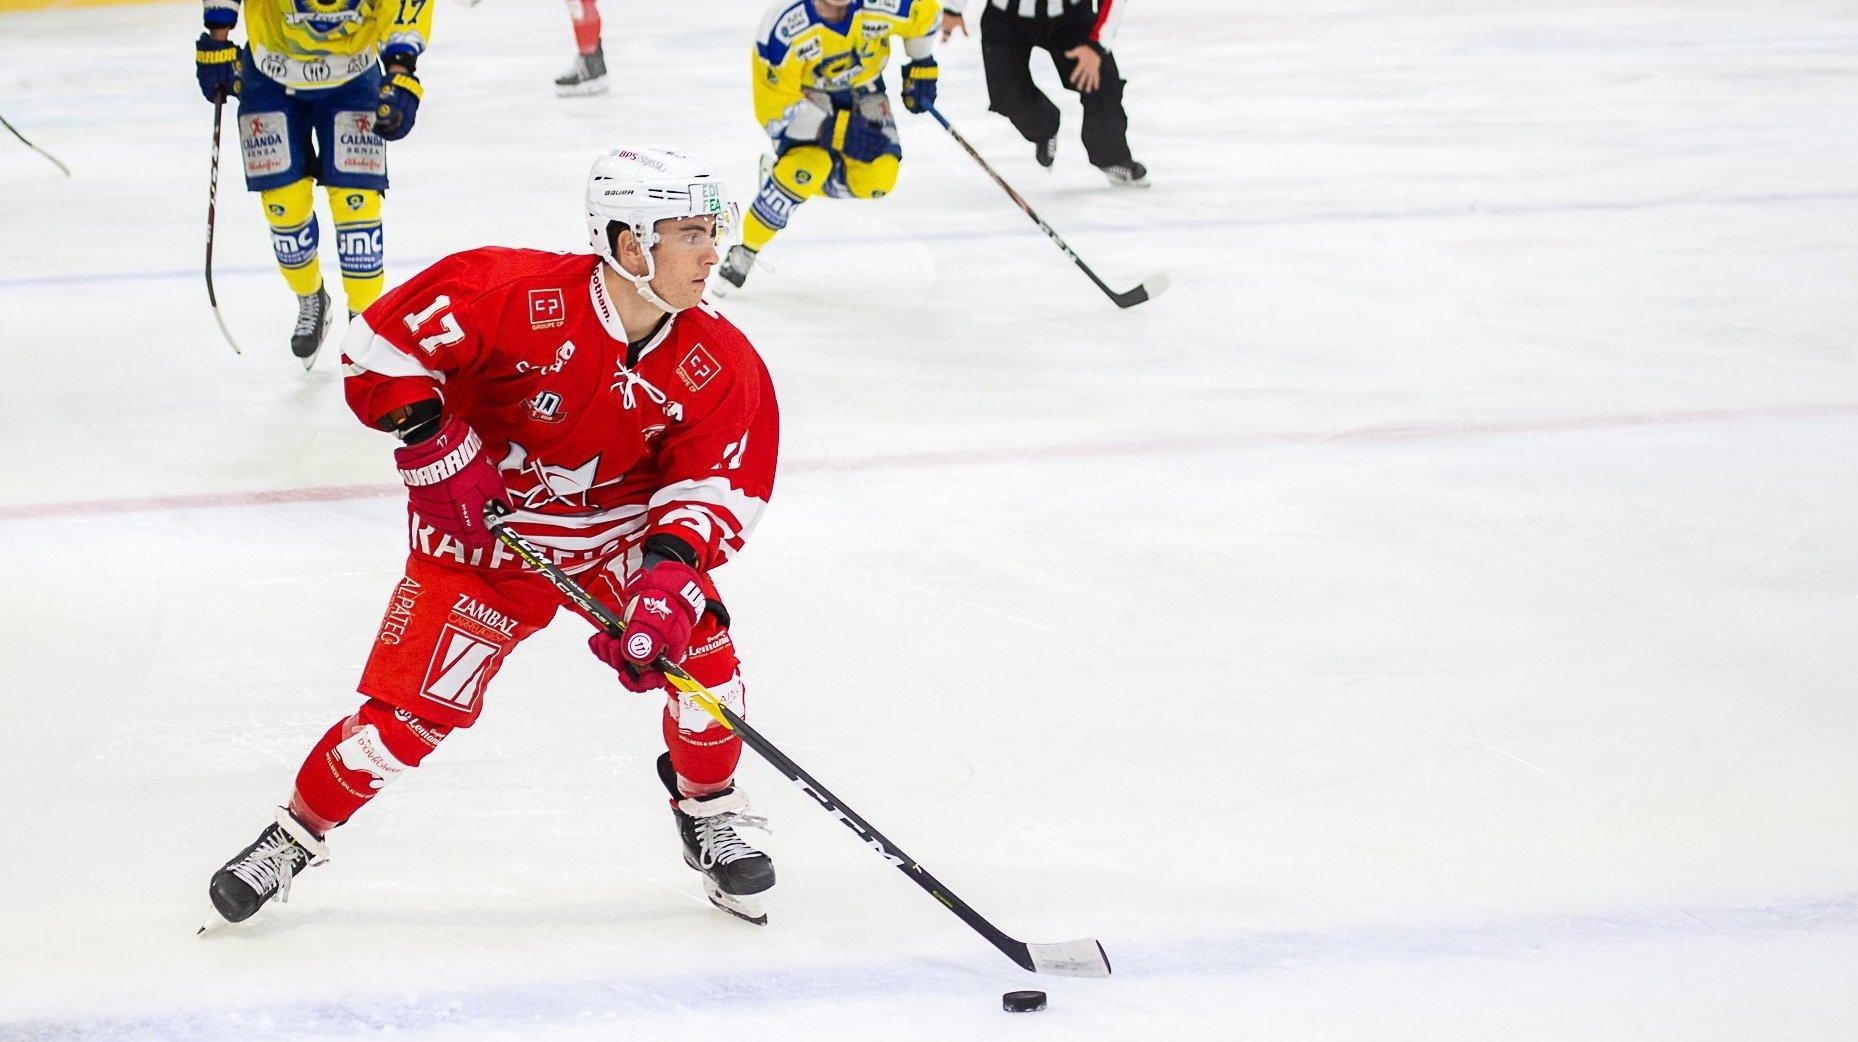 Hockey: le HCV Martigny se qualifie pour les quarts de finale de la Coupe nationale